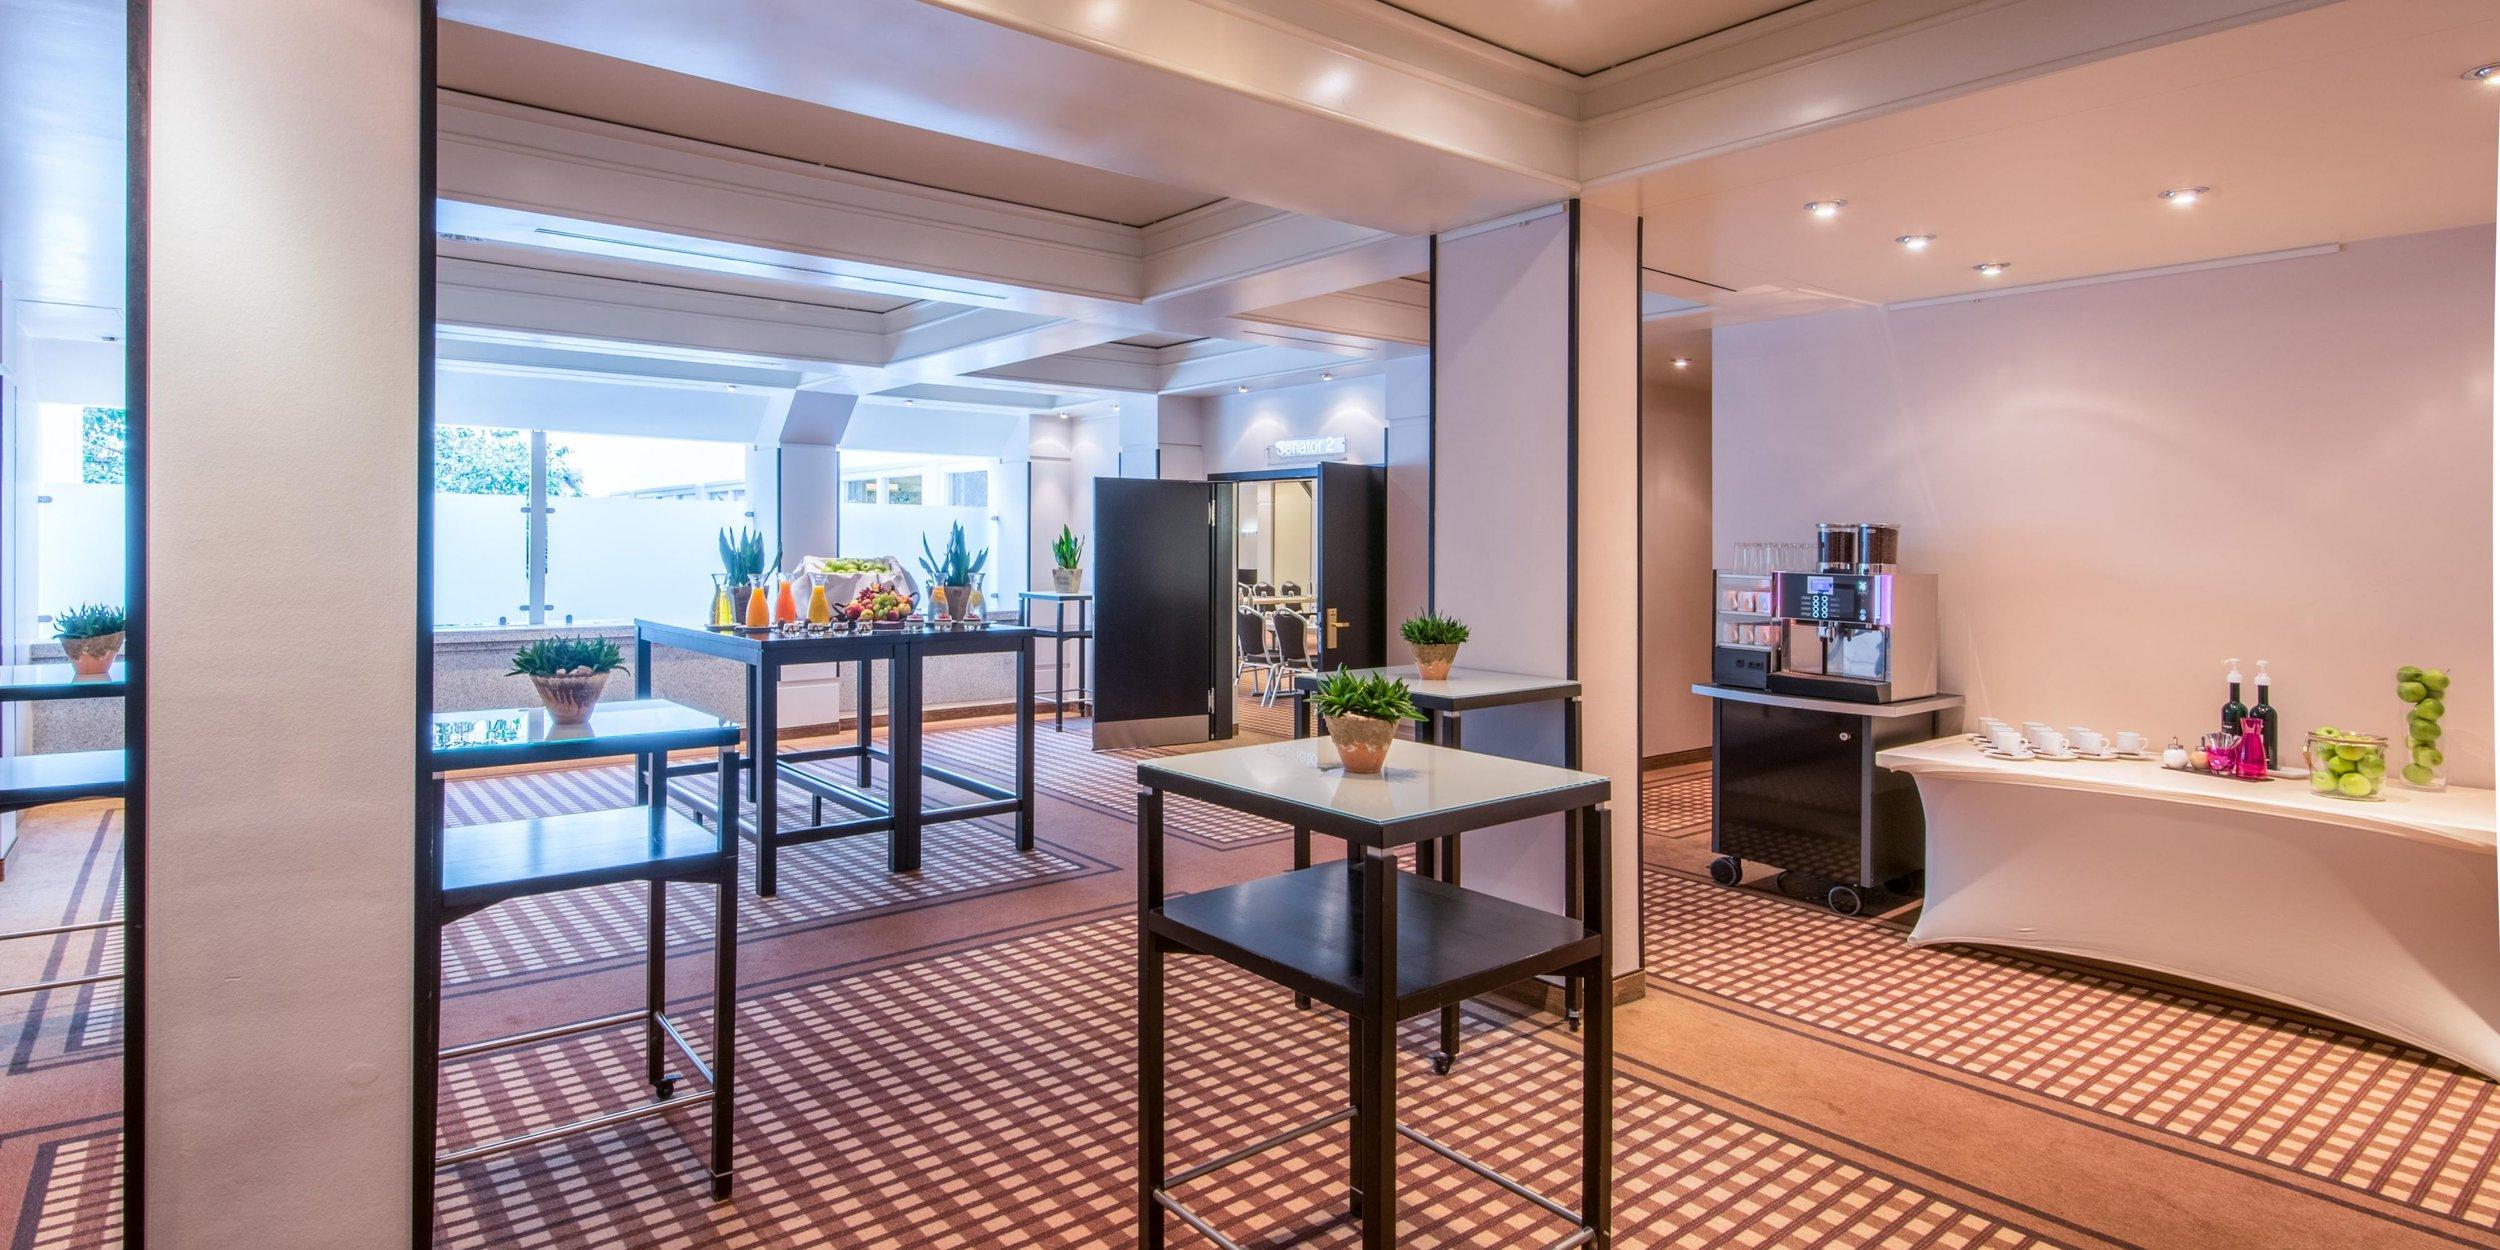 Meeting Room Lobby - Website.jpg